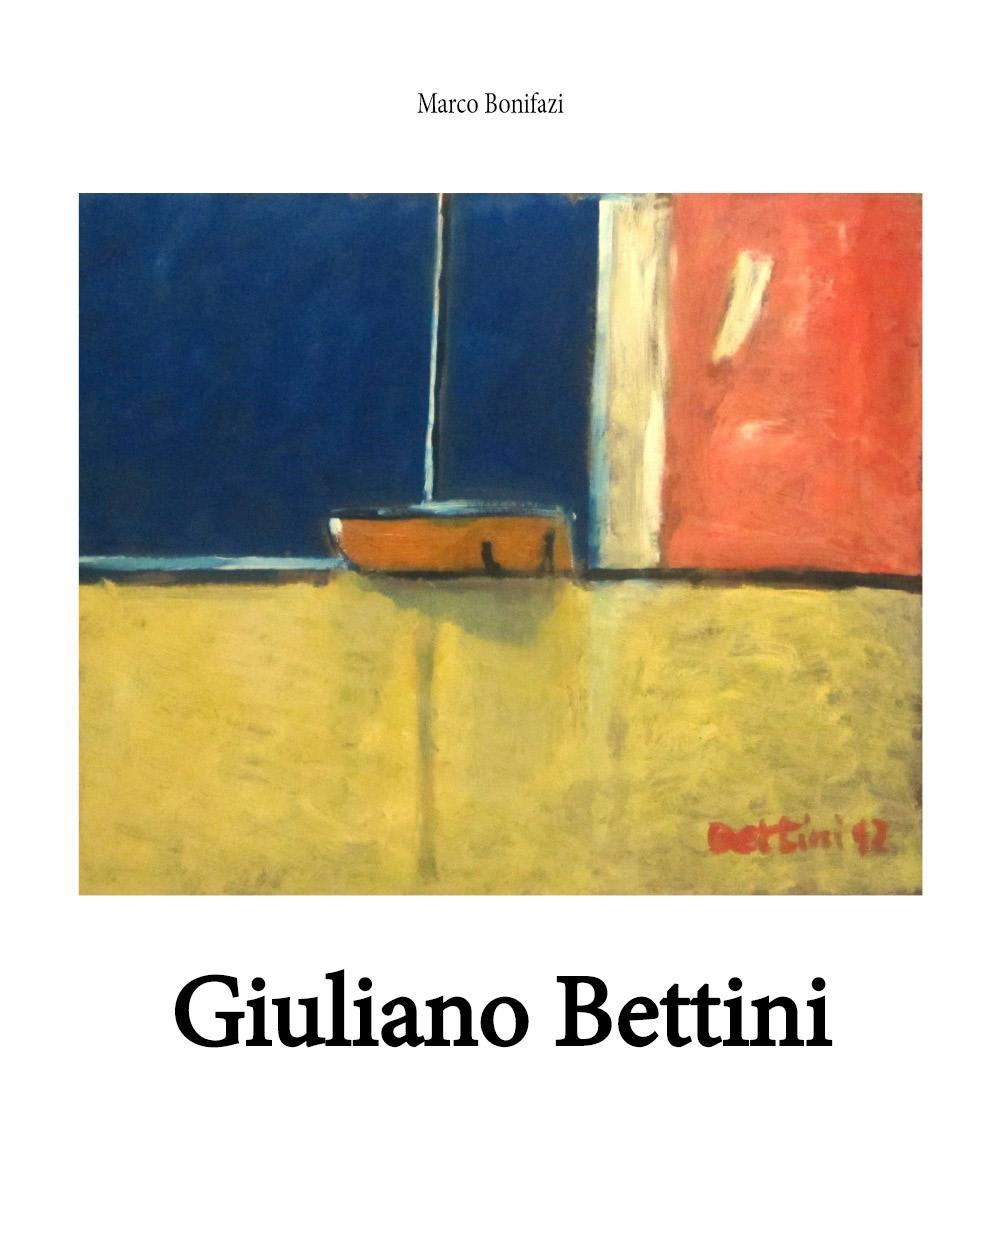 Giuliano Bettini